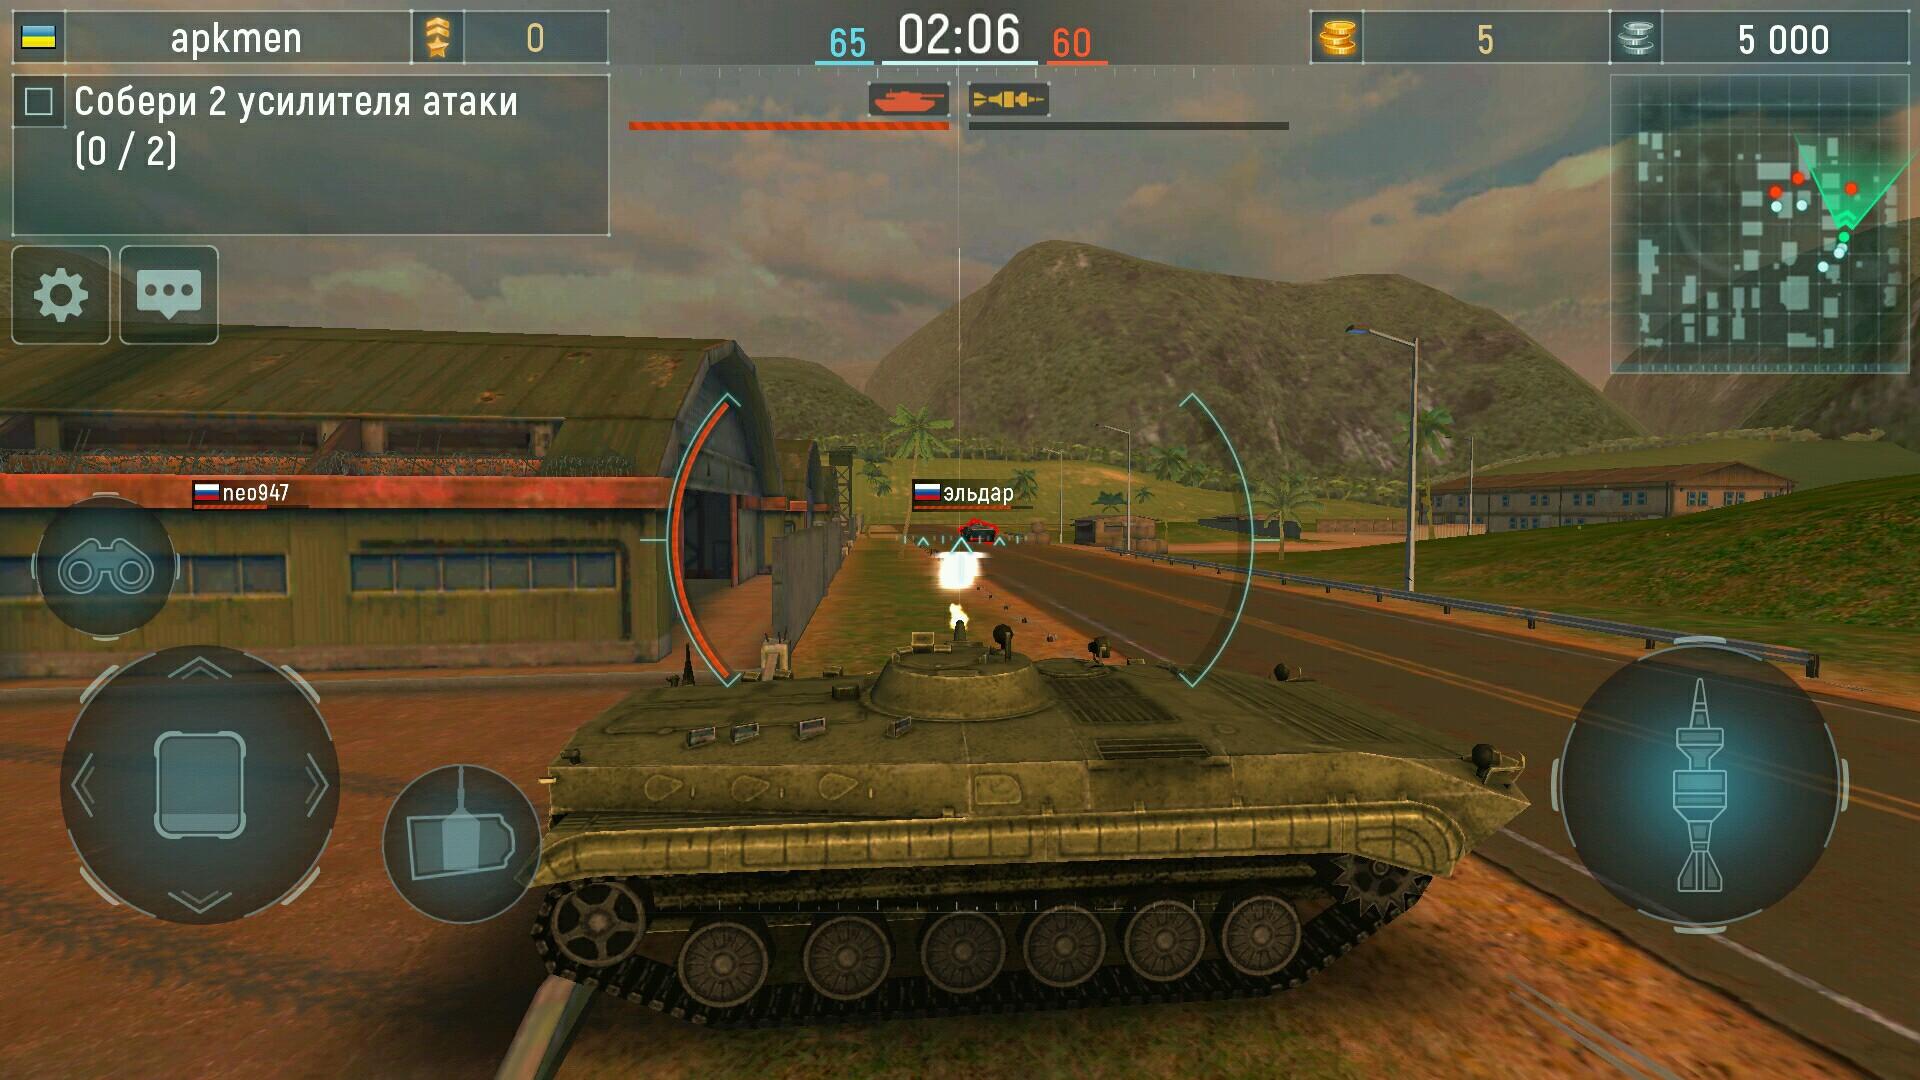 Скачать танковый симулятор для андроид